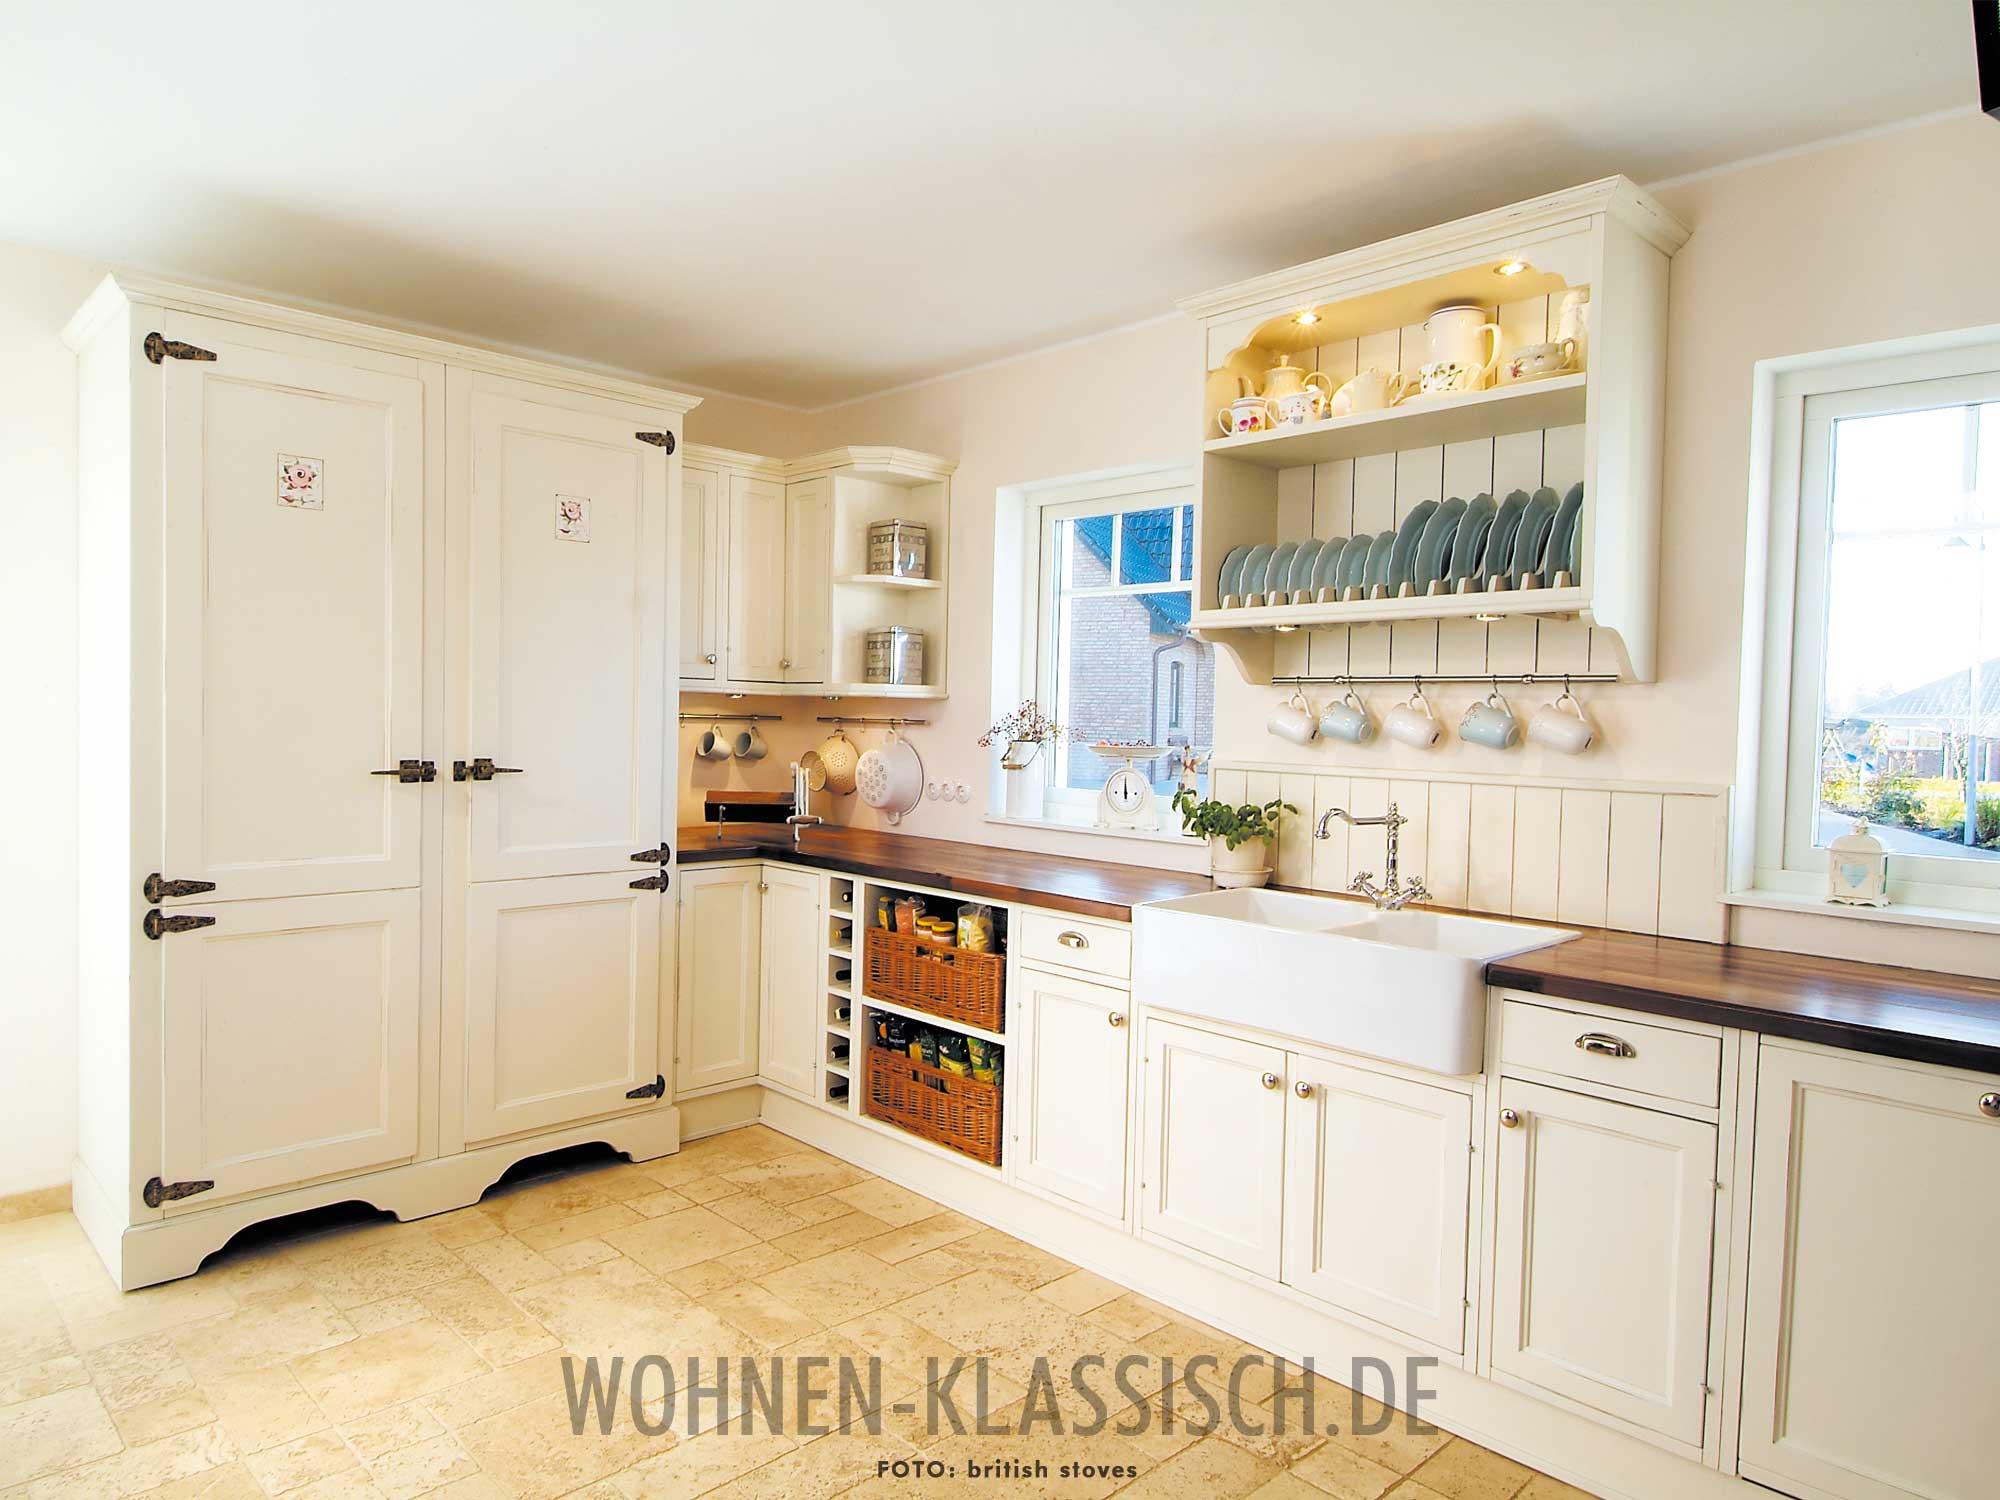 Dassbach Kche Cheap Neu Kchenmodule Oder Kche Holz Kche Kchenmodule With Kchenmodule With